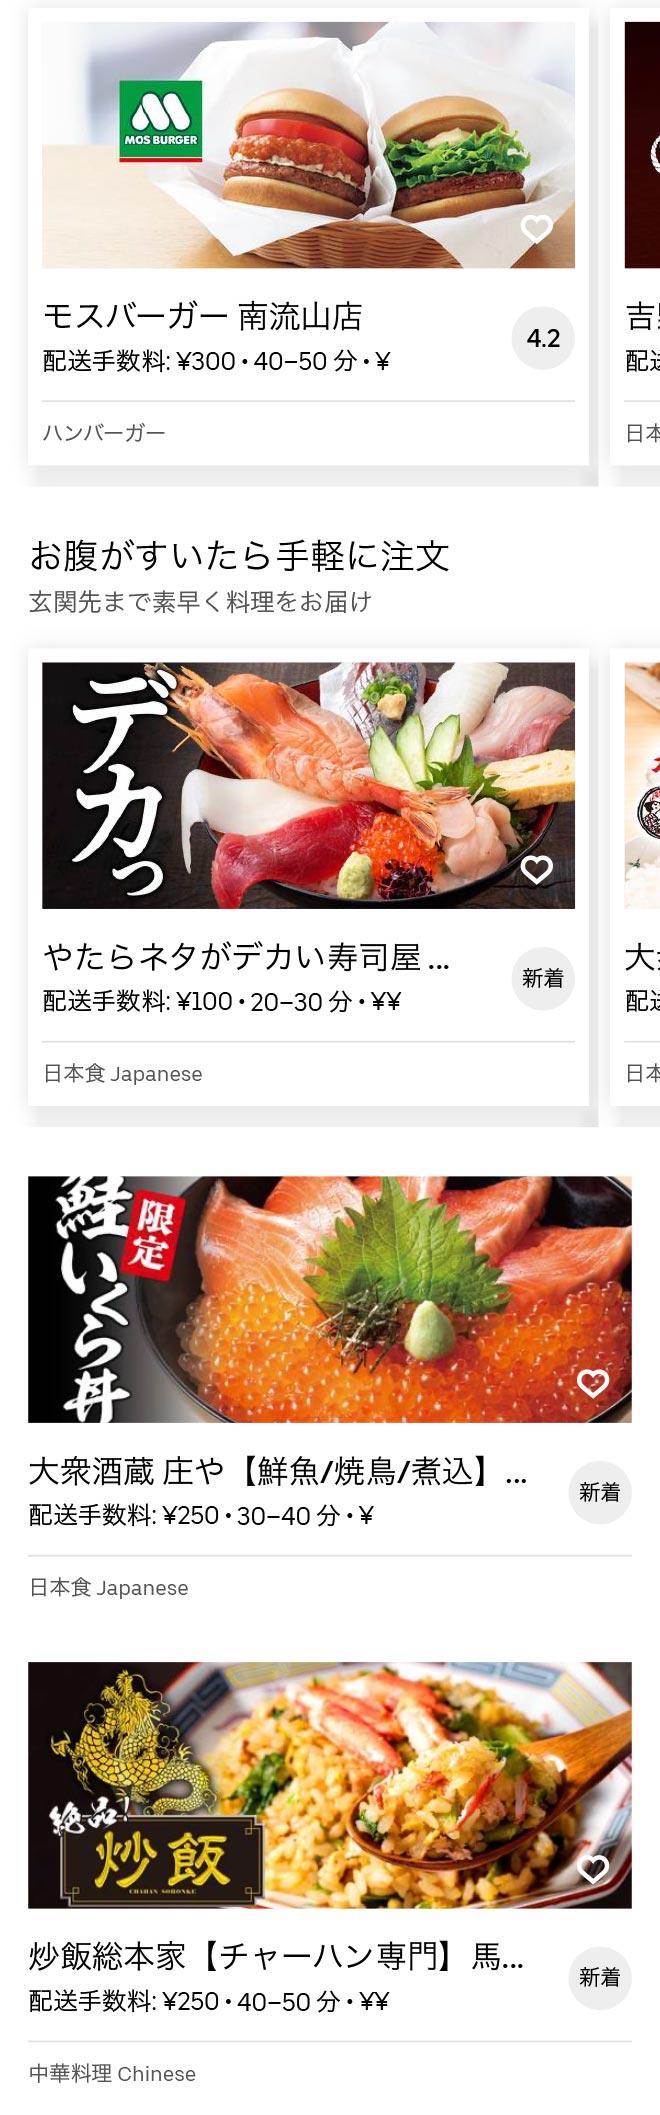 Shin matsudo menu 2007 02